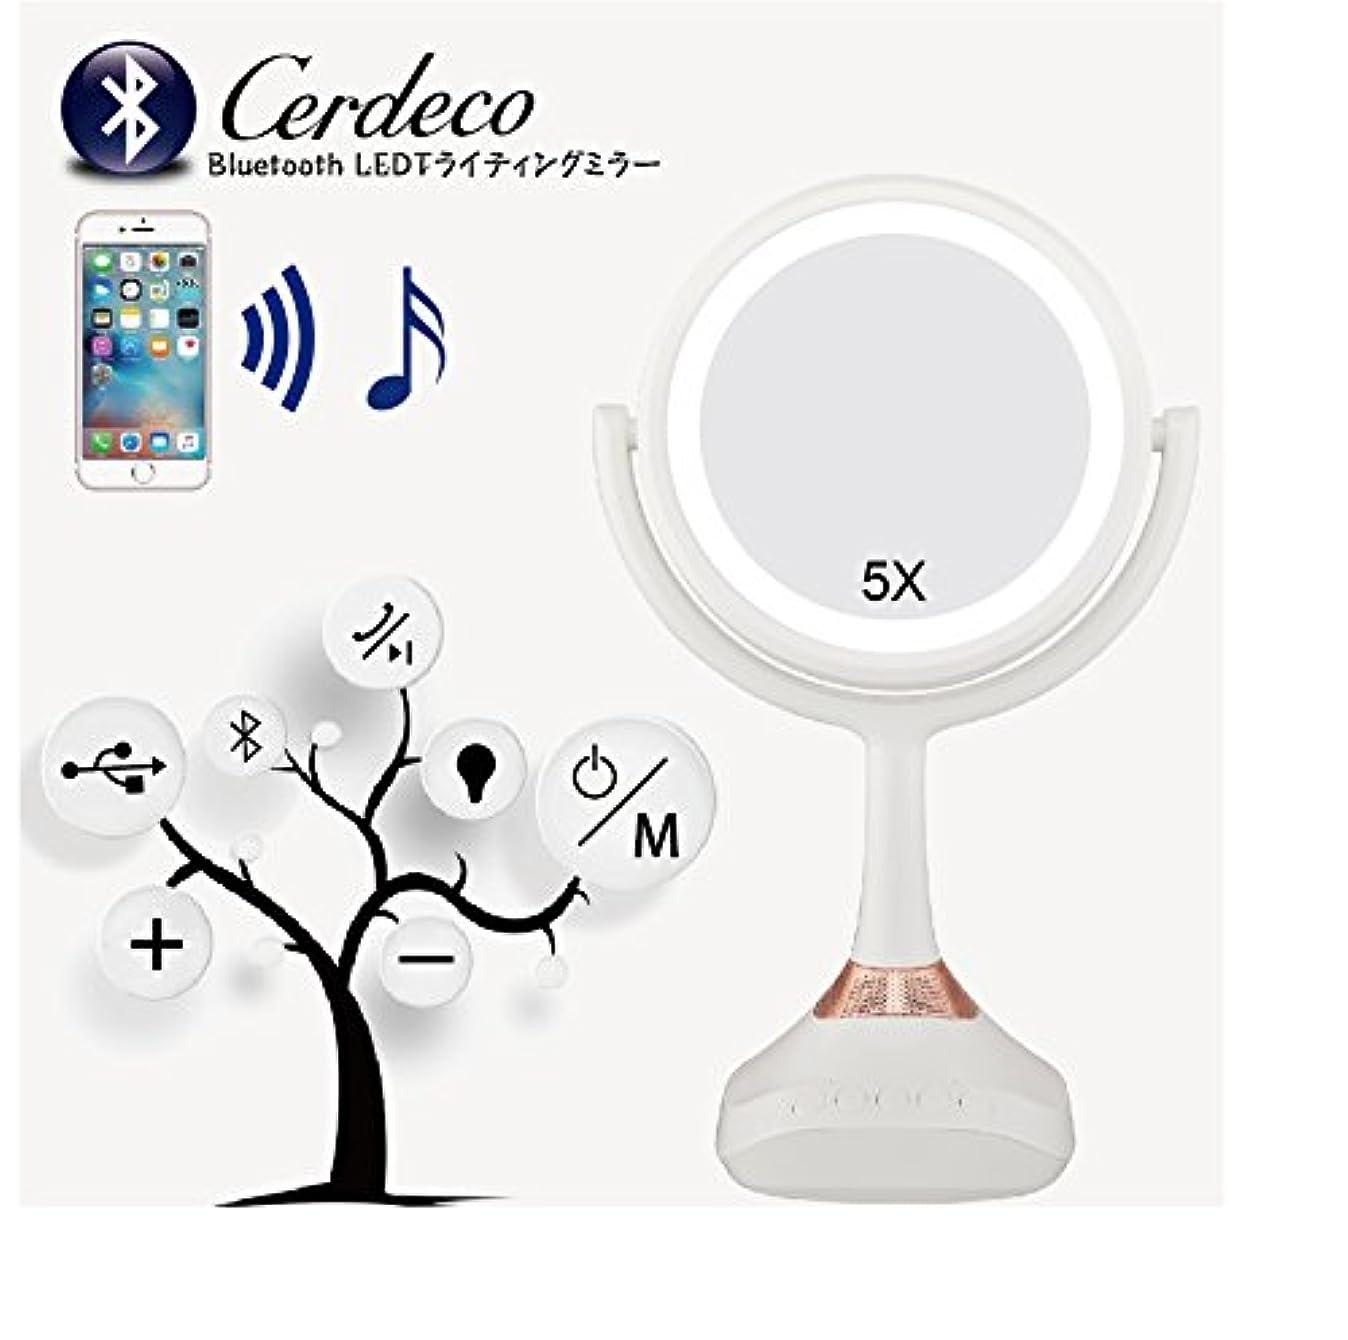 物理的なメールを書く郵便(セーディコ)Cerdeco Bluetoothスピーカー LEDライティングミラー 5倍拡大率 ハンズフリー通話可能 USB給電 真実の両面鏡DX 鏡面φ153mm D638M (ホワイト?Bluetooth卓上鏡)